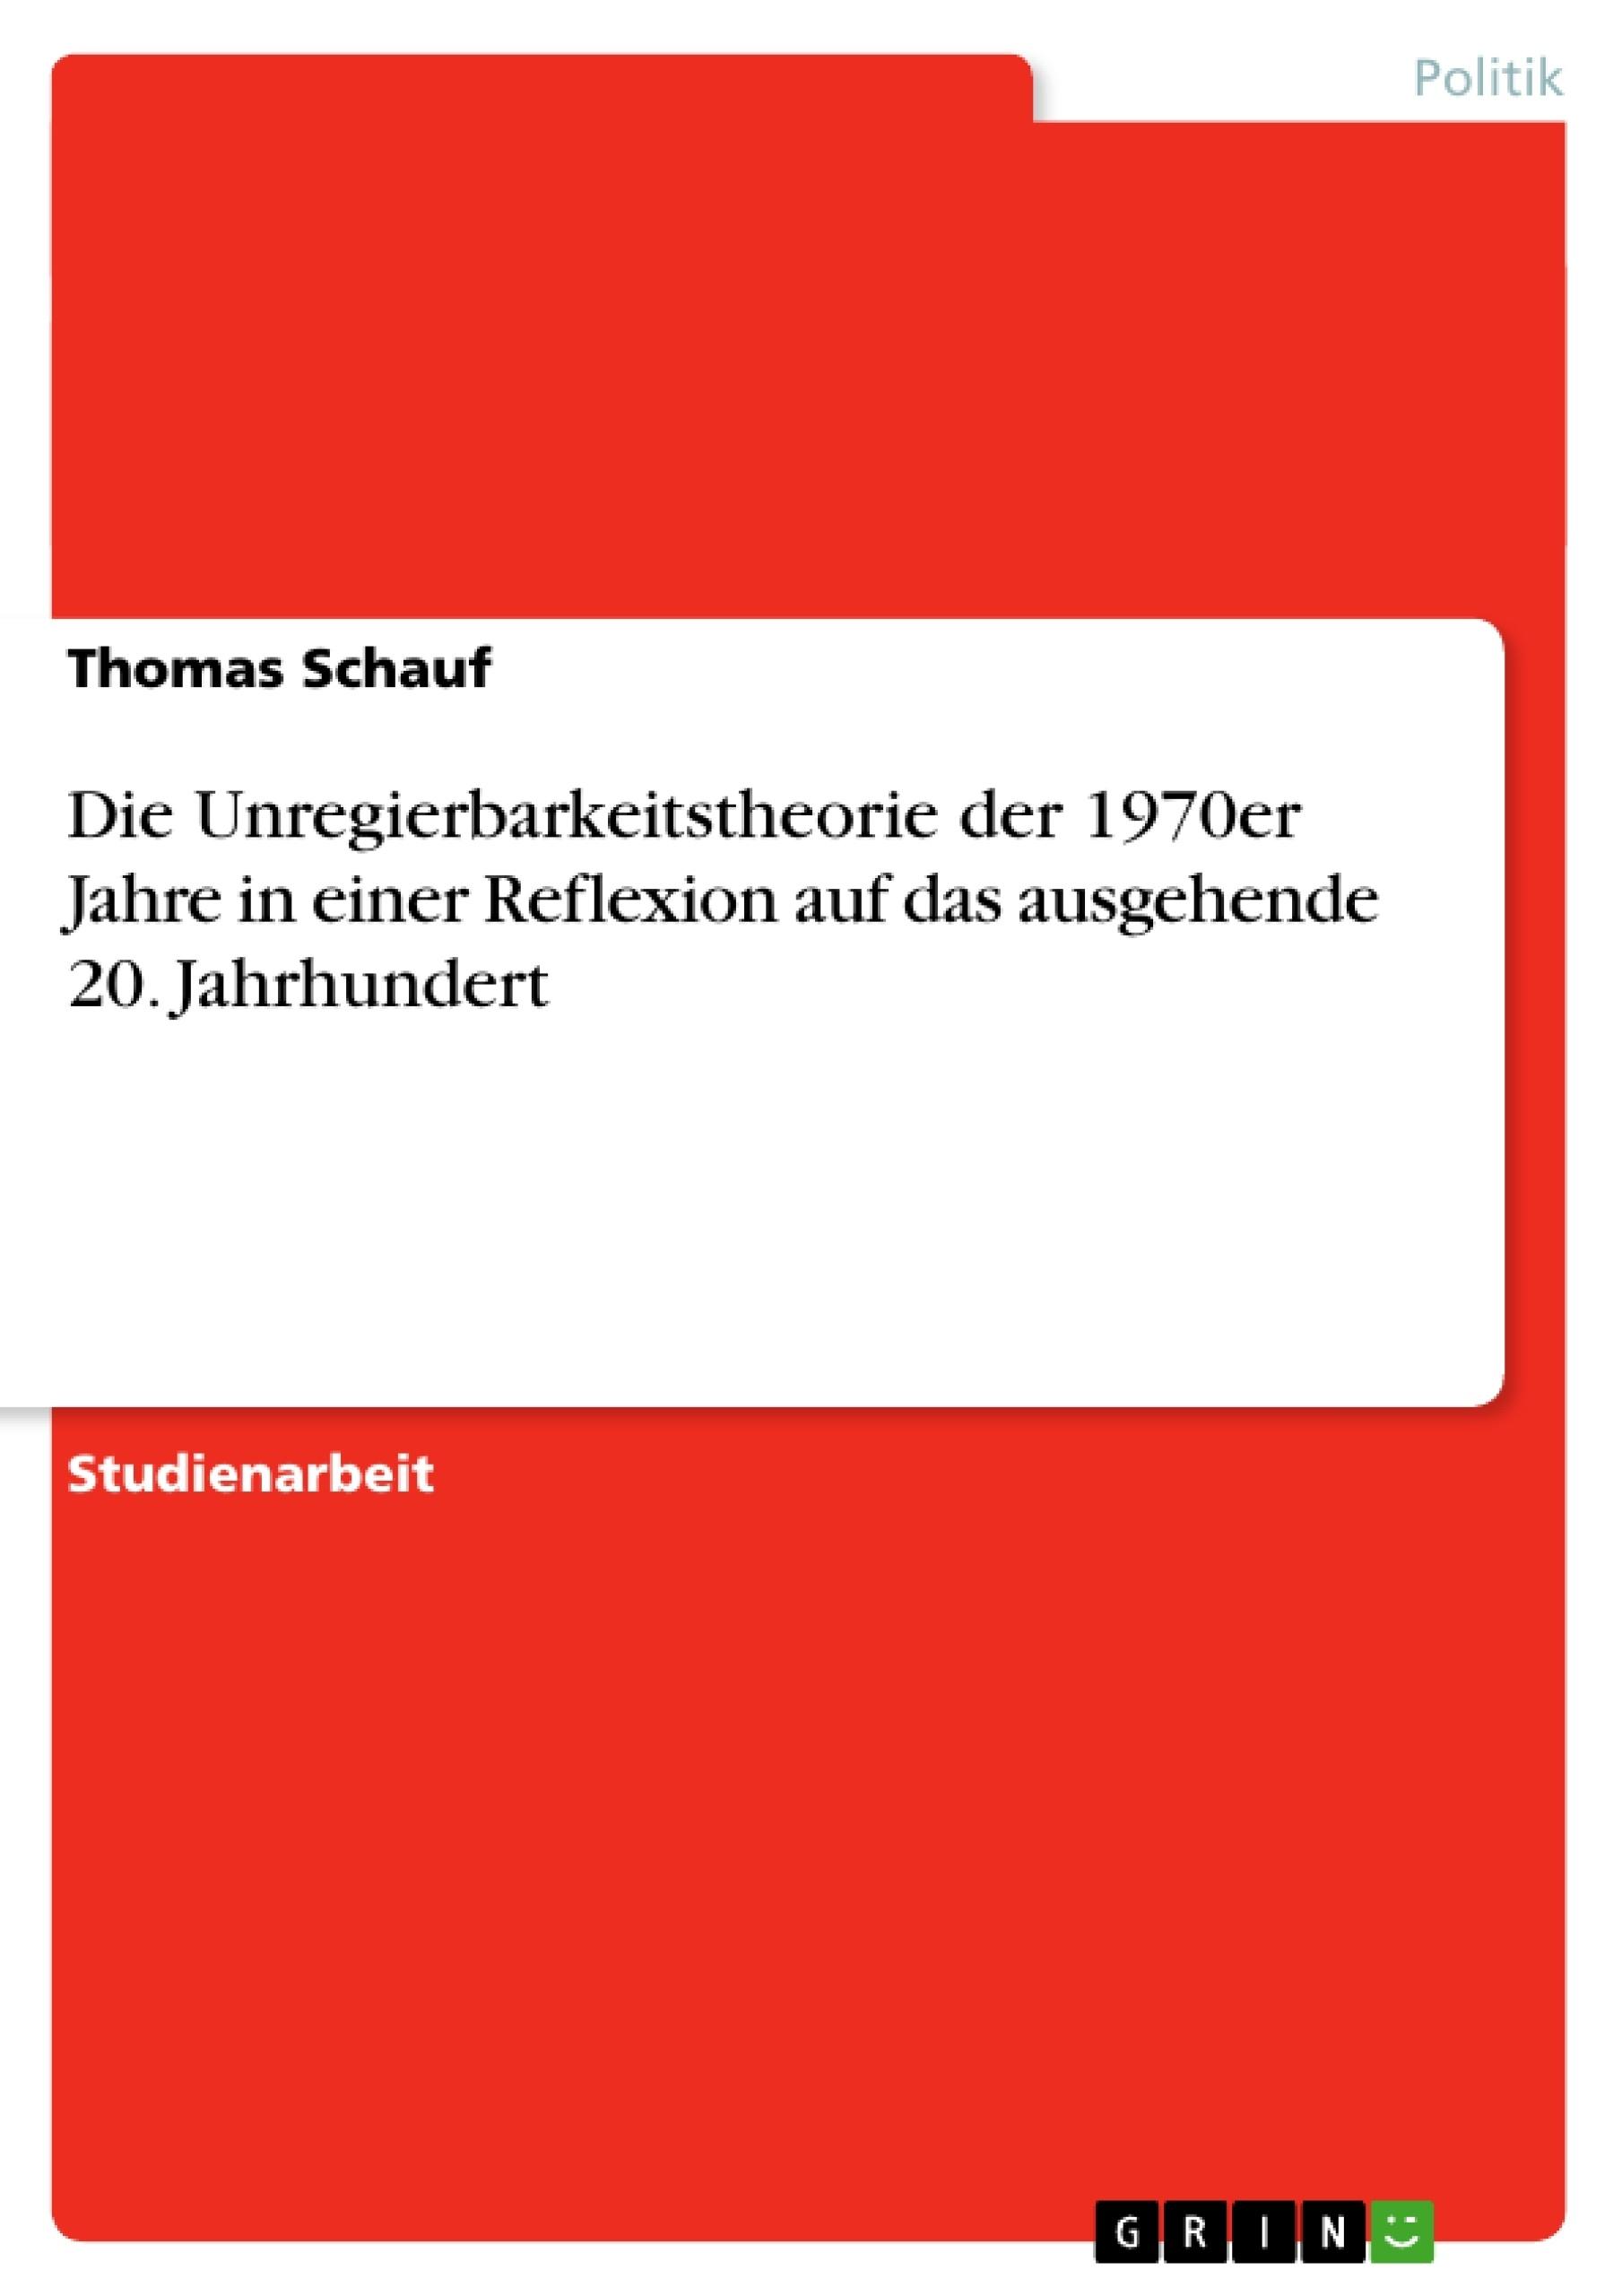 Titel: Die Unregierbarkeitstheorie der 1970er Jahre in einer Reflexion auf das ausgehende 20. Jahrhundert